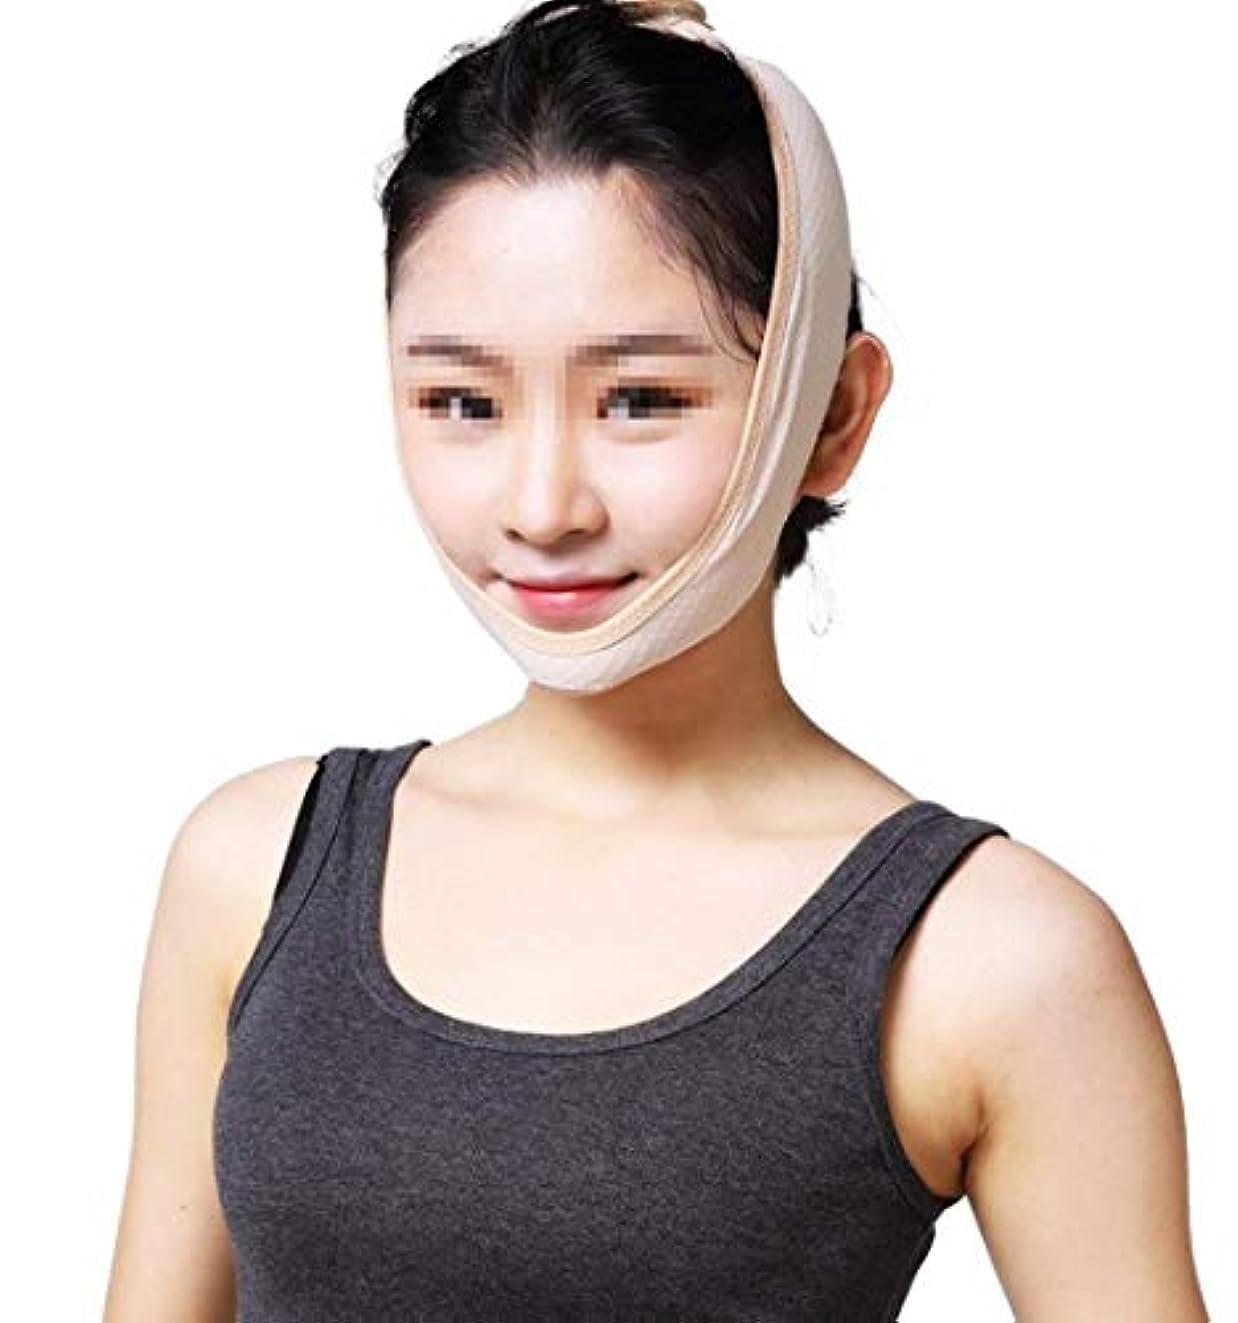 残基プログレッシブ記憶顔を持ち上げる包帯、口を開けて眠るのを防ぐための女性の通気性のいびきベルトいびきアーティファクトアンチあごの脱臼の修正包帯のいびき装置